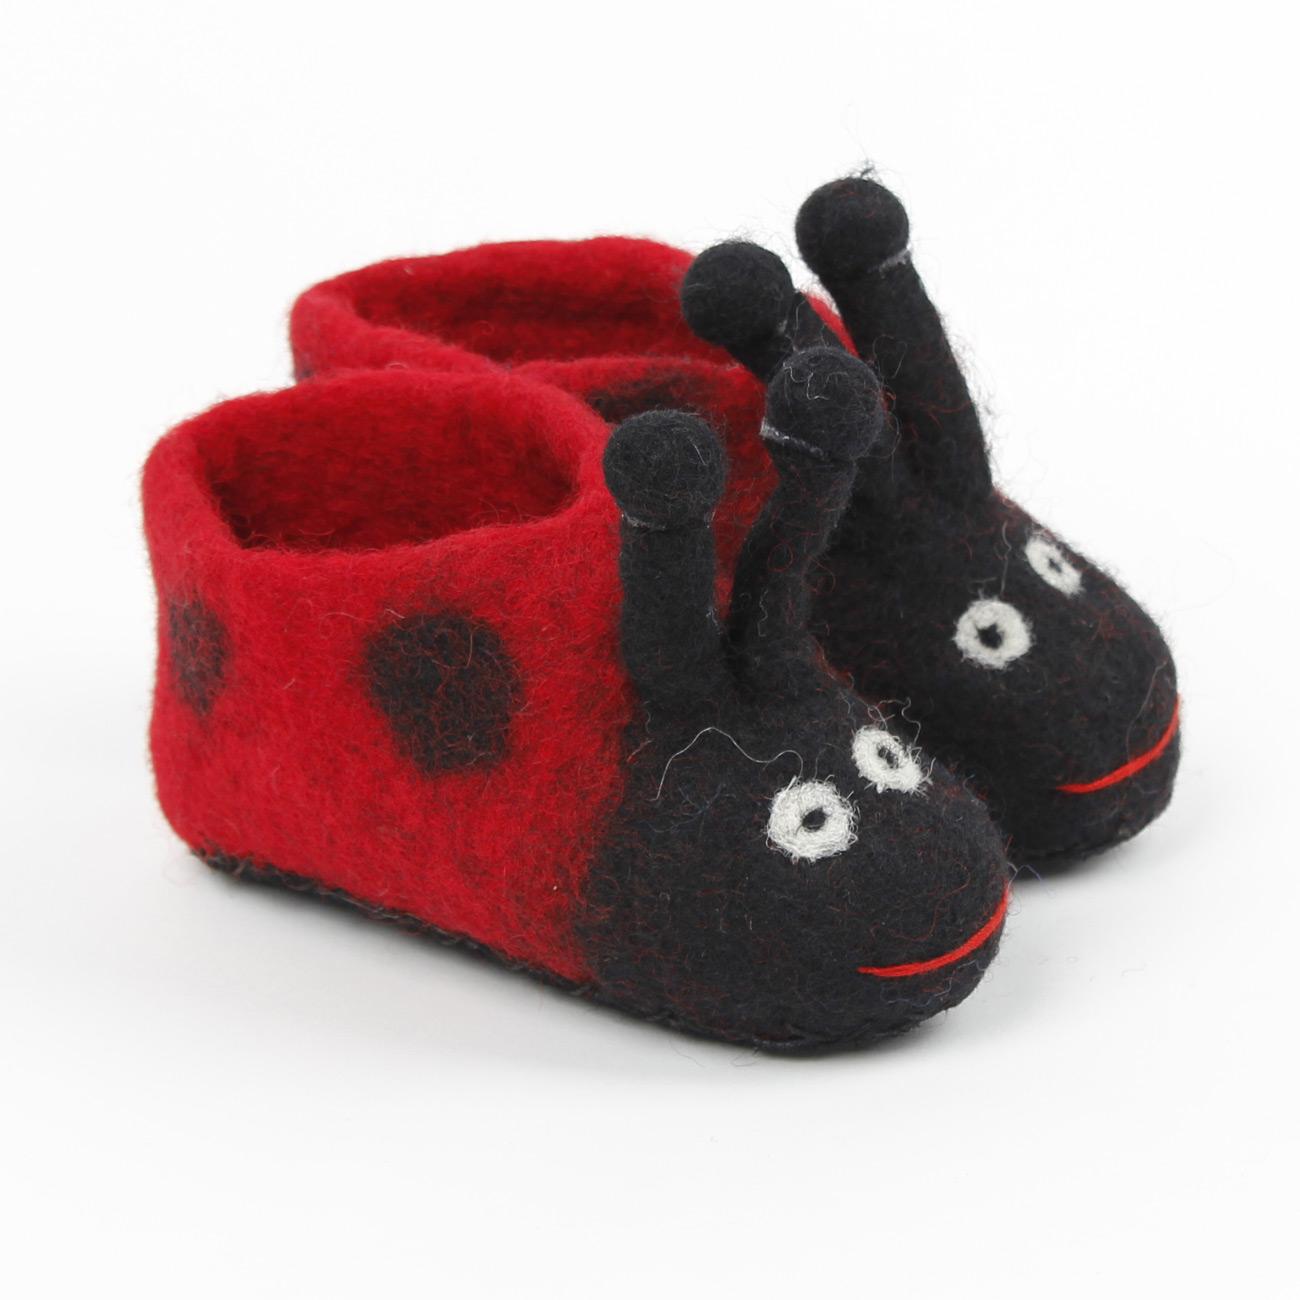 Slofjes - Kinder - Schoentje - Baby - Pantoffeltjes - maat 20 - (12-16 maanden) 12,3 cm - 1 paar - Lieveheersbeestje - Fairtrade - Vilt